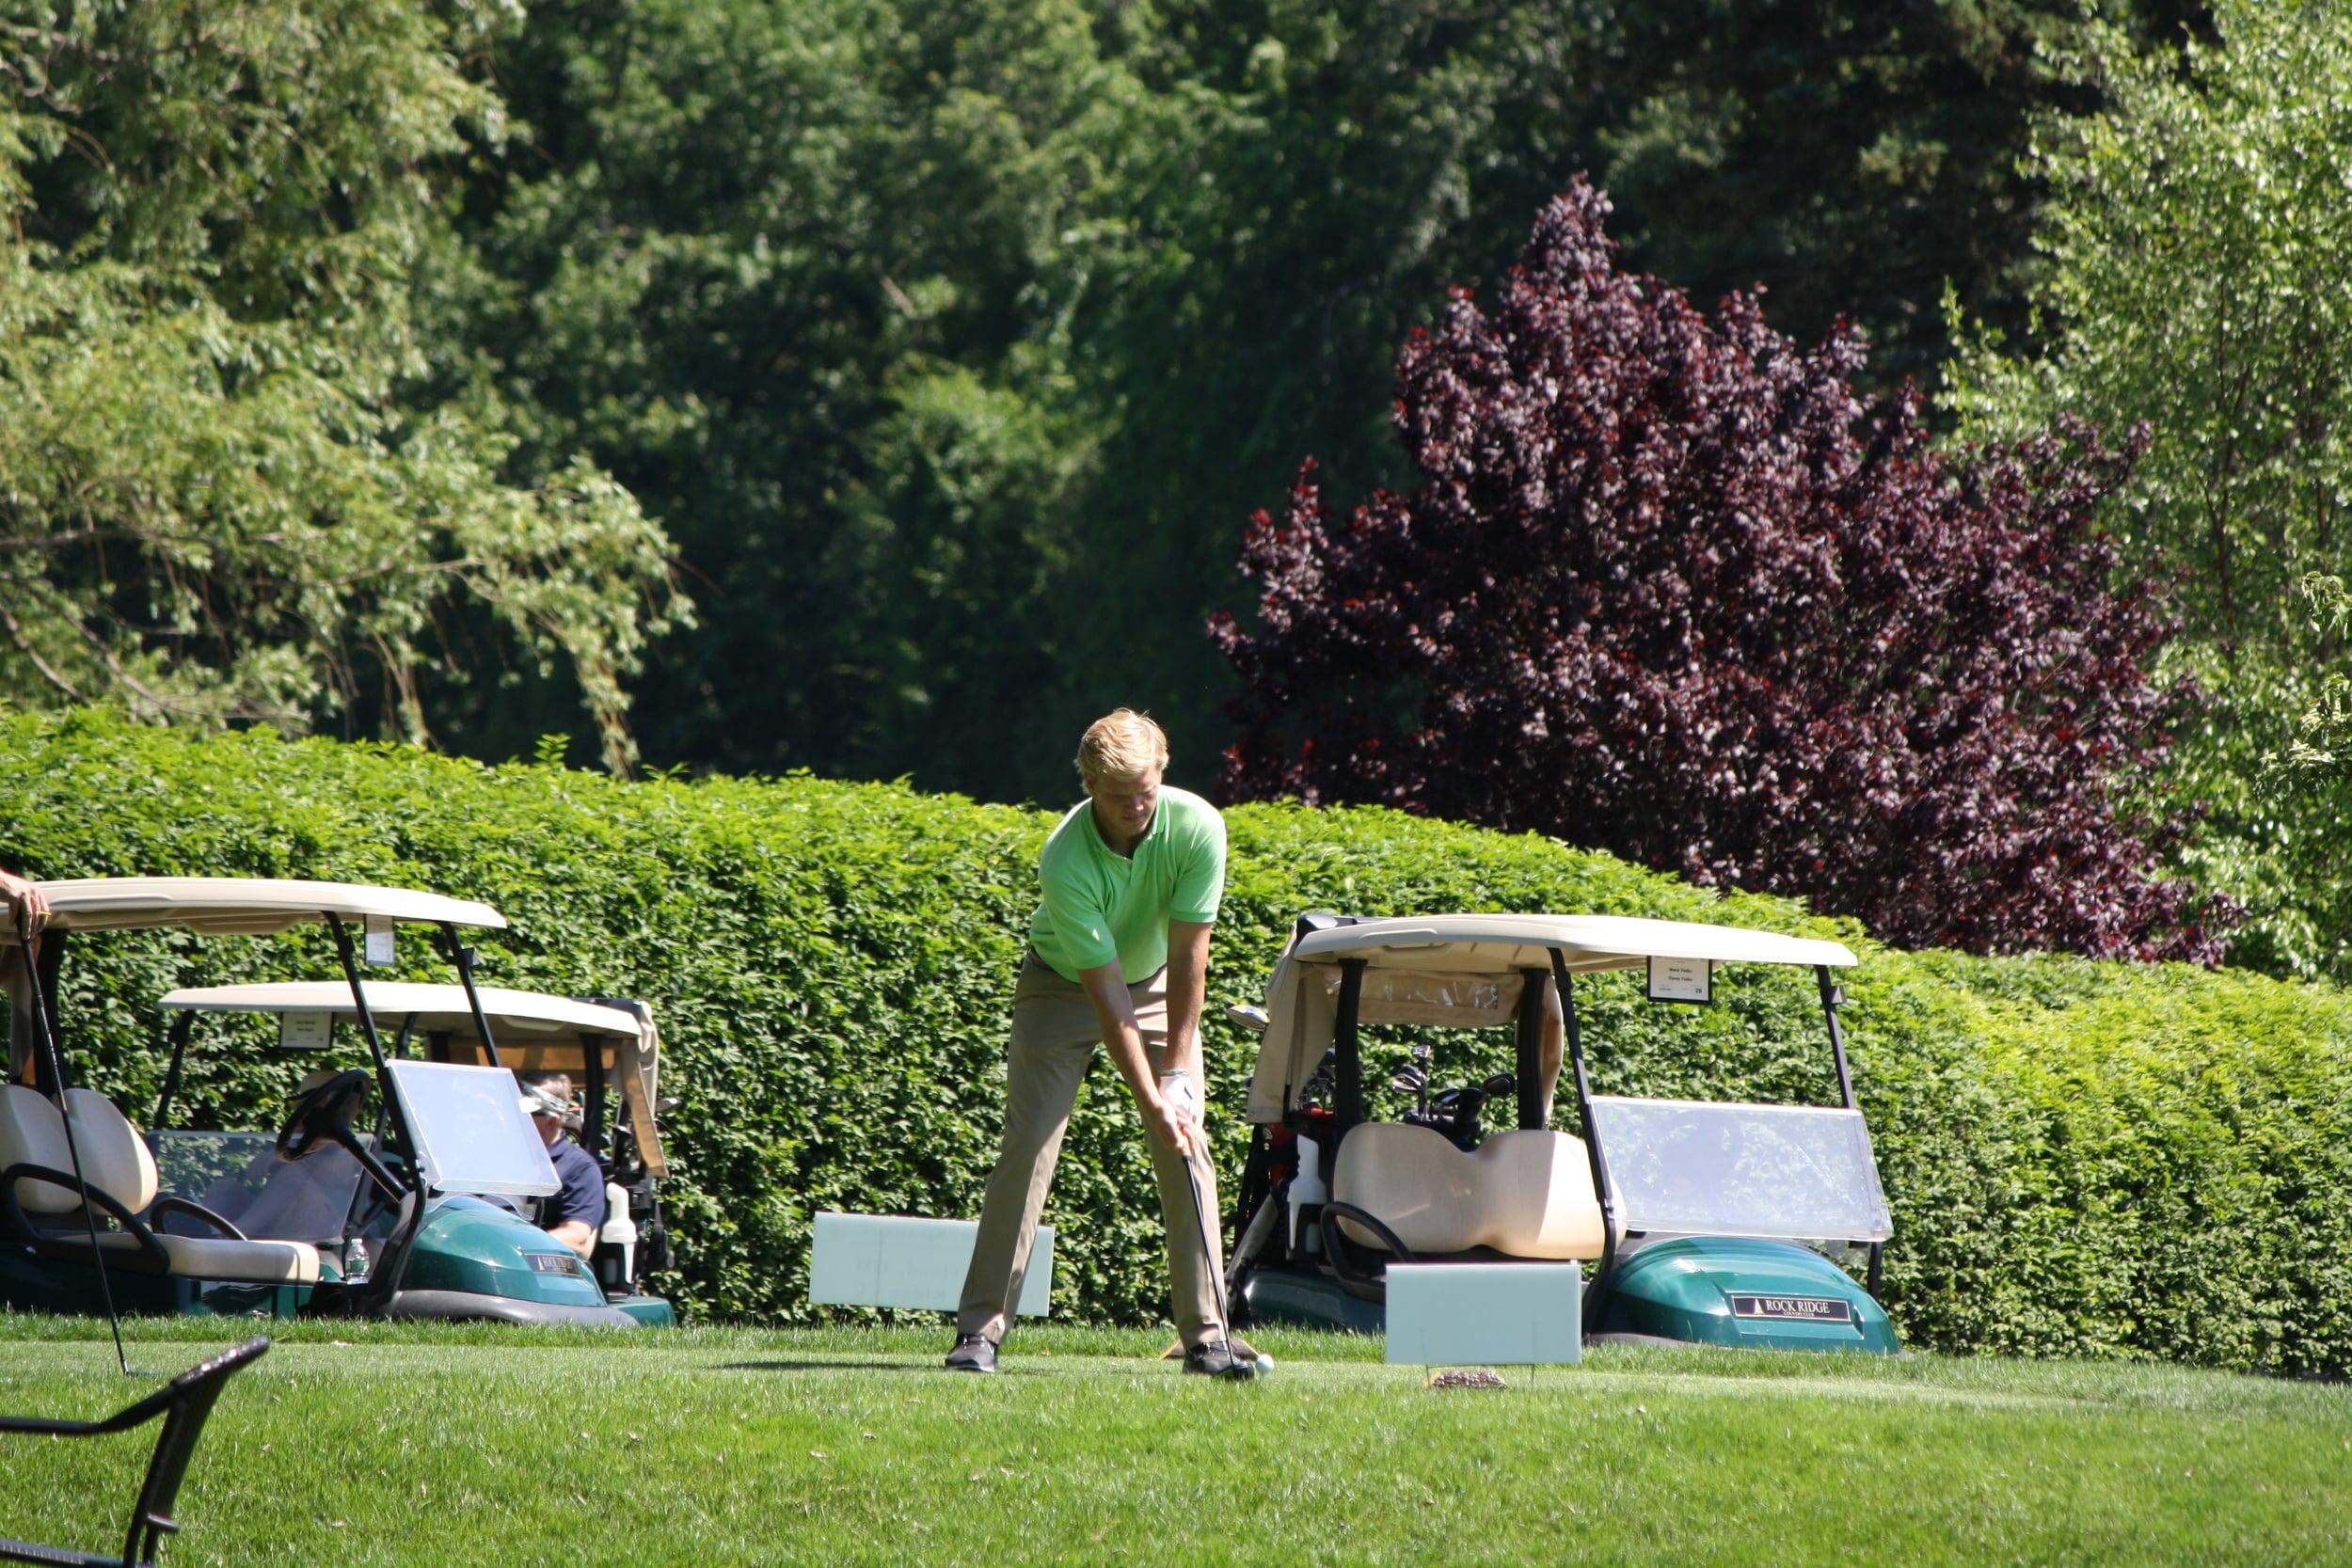 061614 rrcc golf casey fuller 5385.JPG